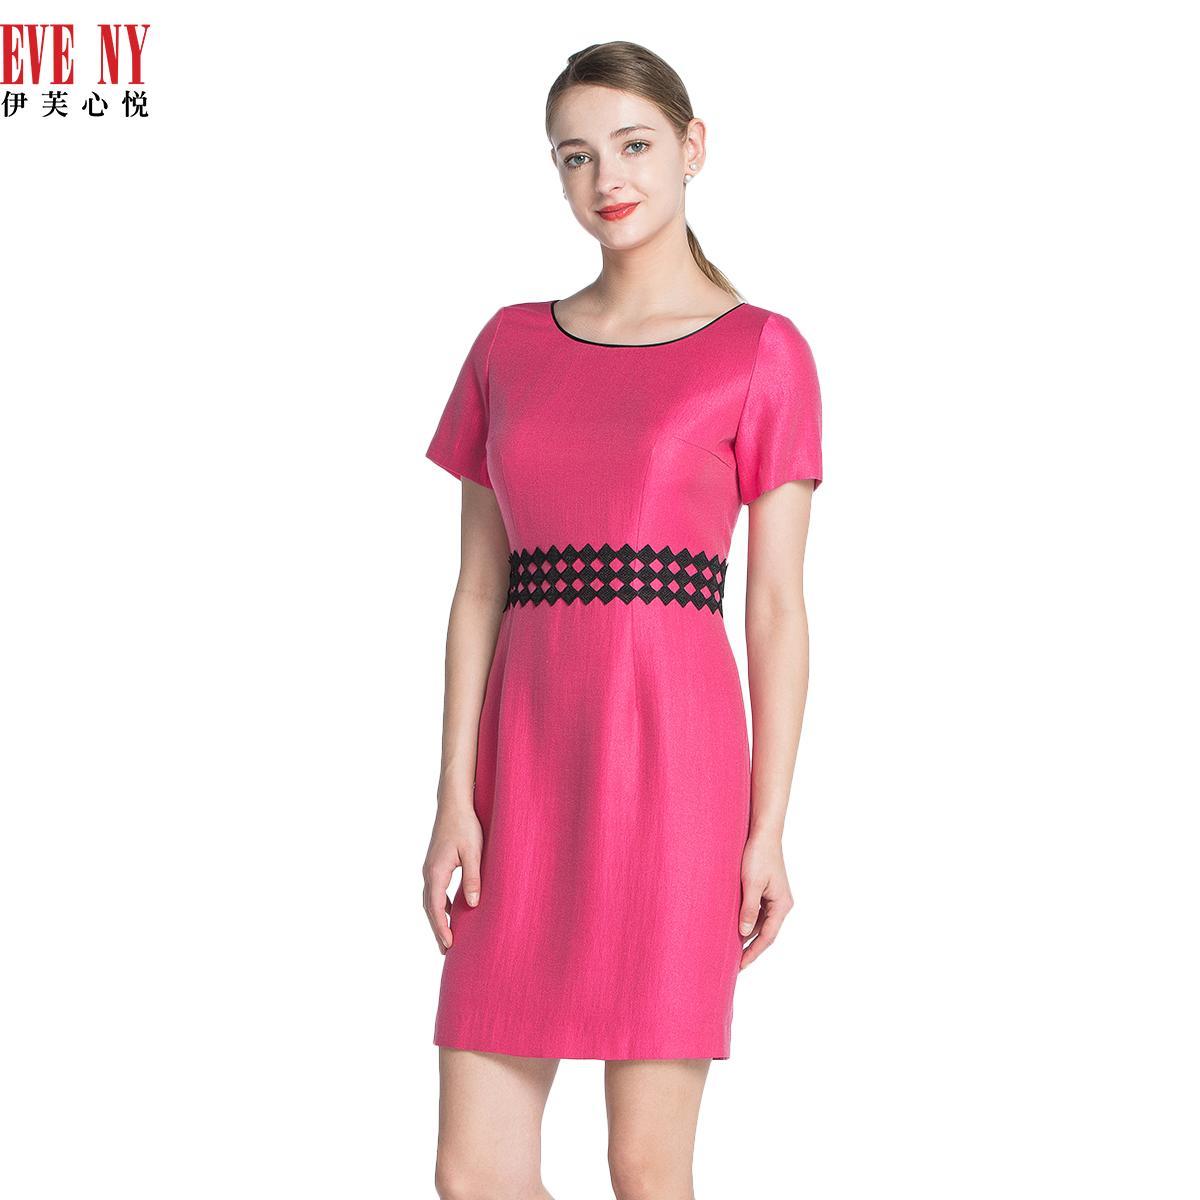 EVENY伊芙心悦夏季天猫女装新款通勤玫红收腰修身短袖连衣裙